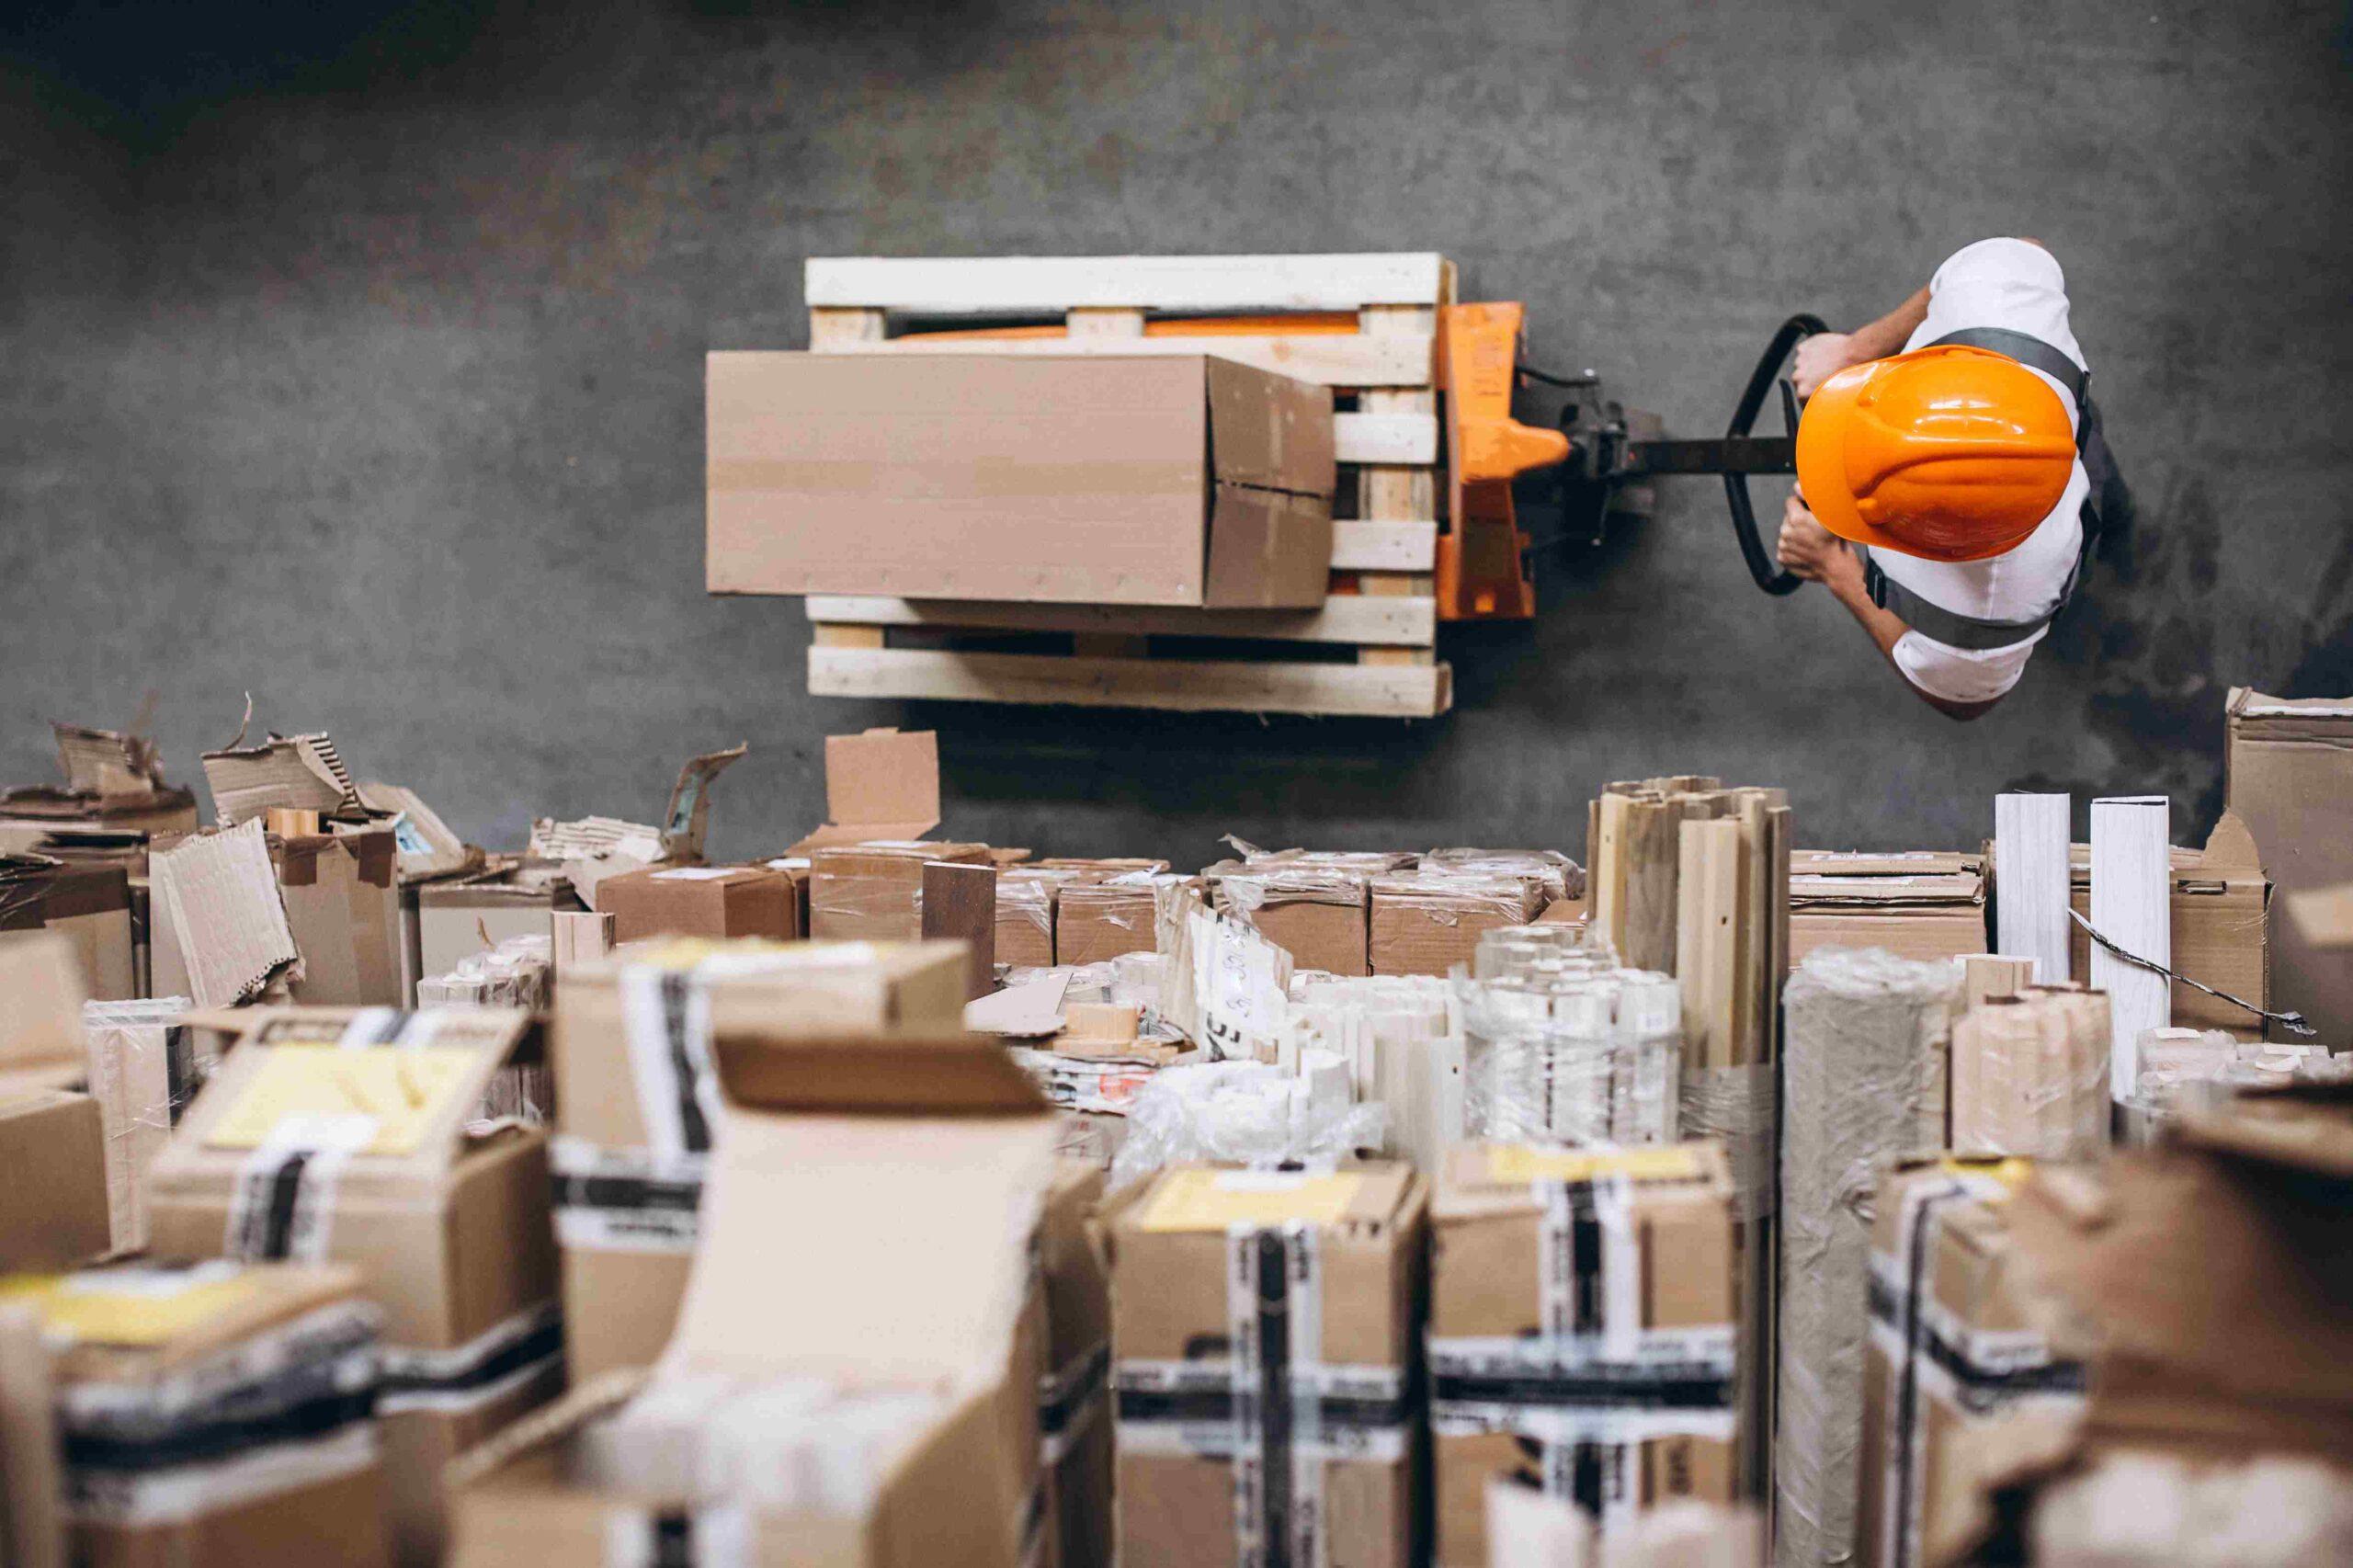 beneficios y desventajas de una cadena de suministro local